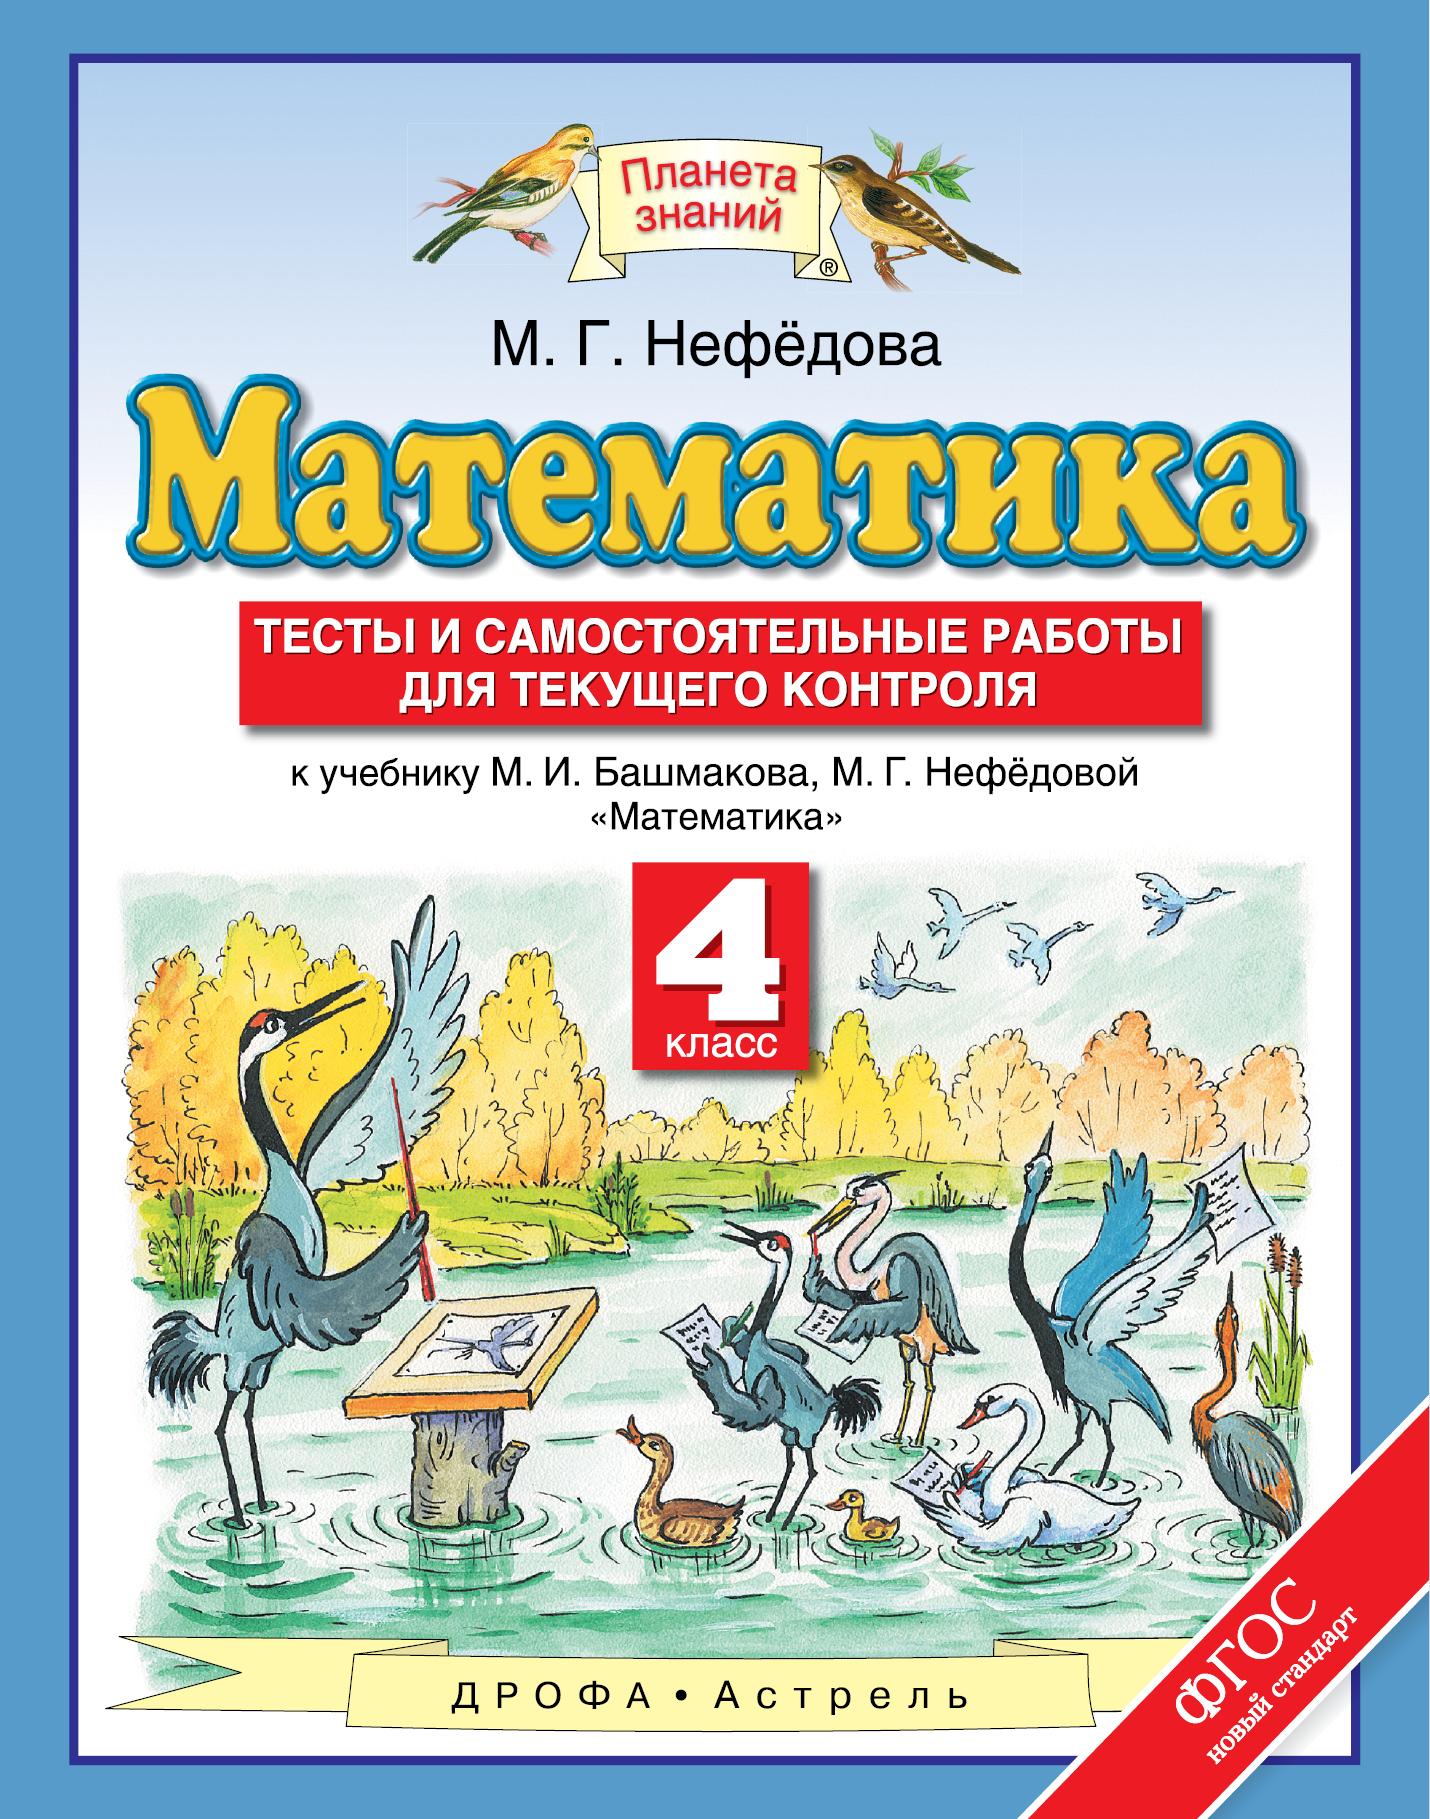 Математика. 4 класс. Тесты и самостоятельные работы для текущего контроля от book24.ru